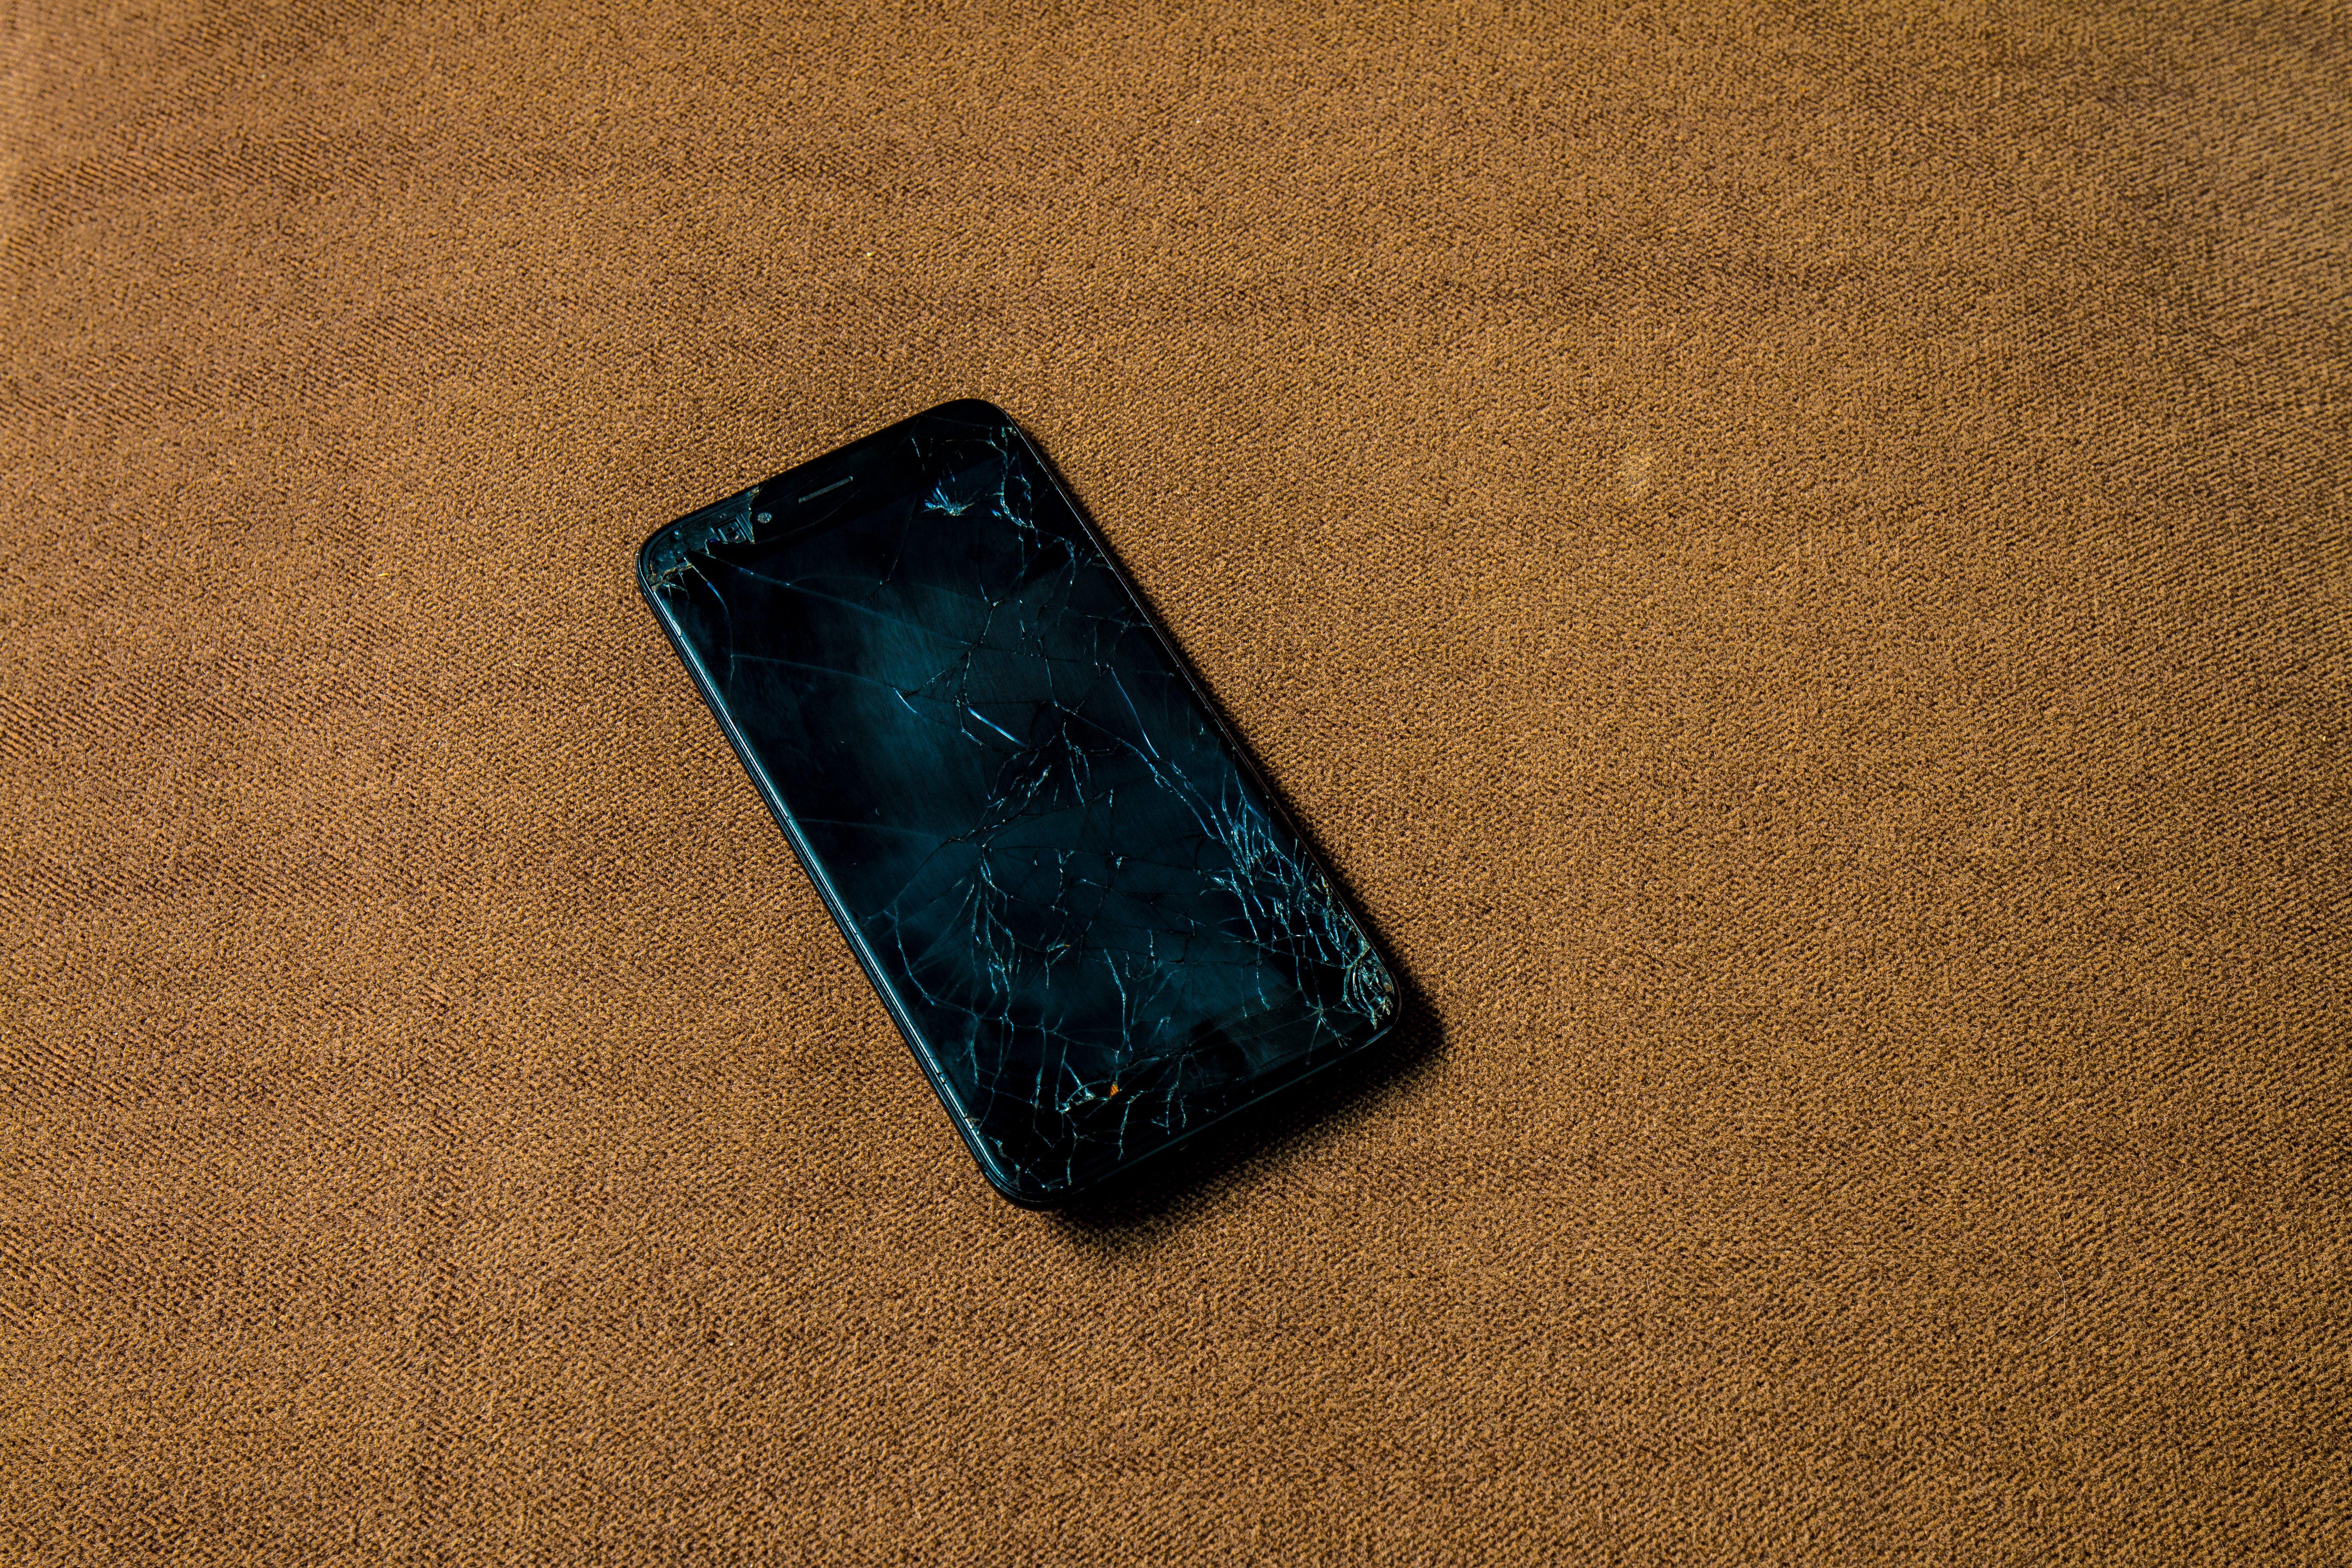 Free stock photo of black, broken, broken phone, phone